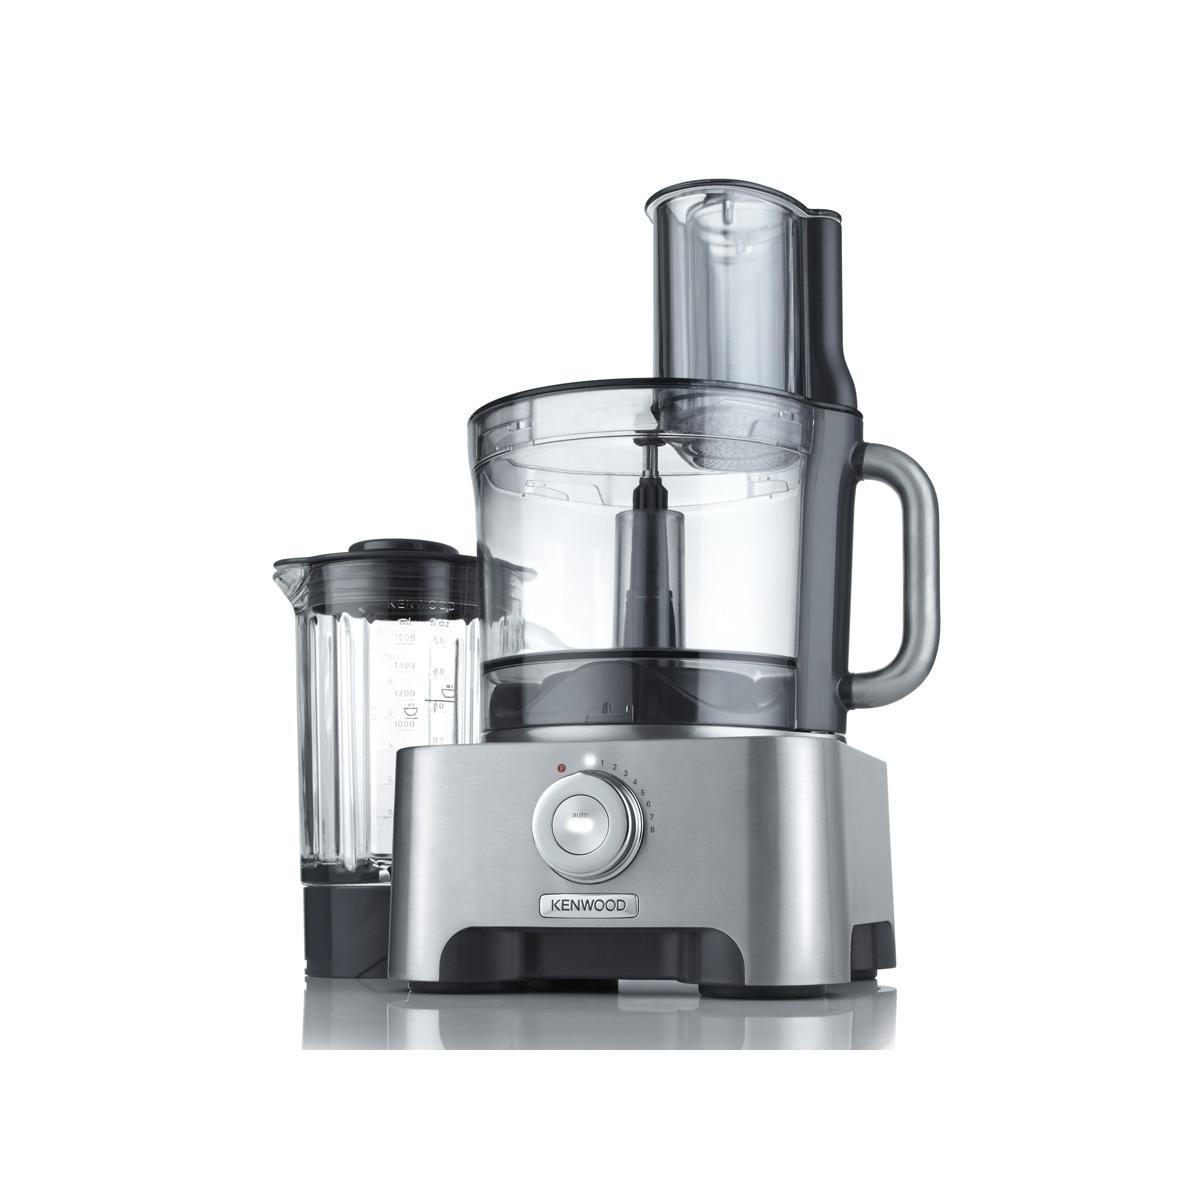 Kenwood - FPM900 - Robot Multipro Excel Food 1300 W